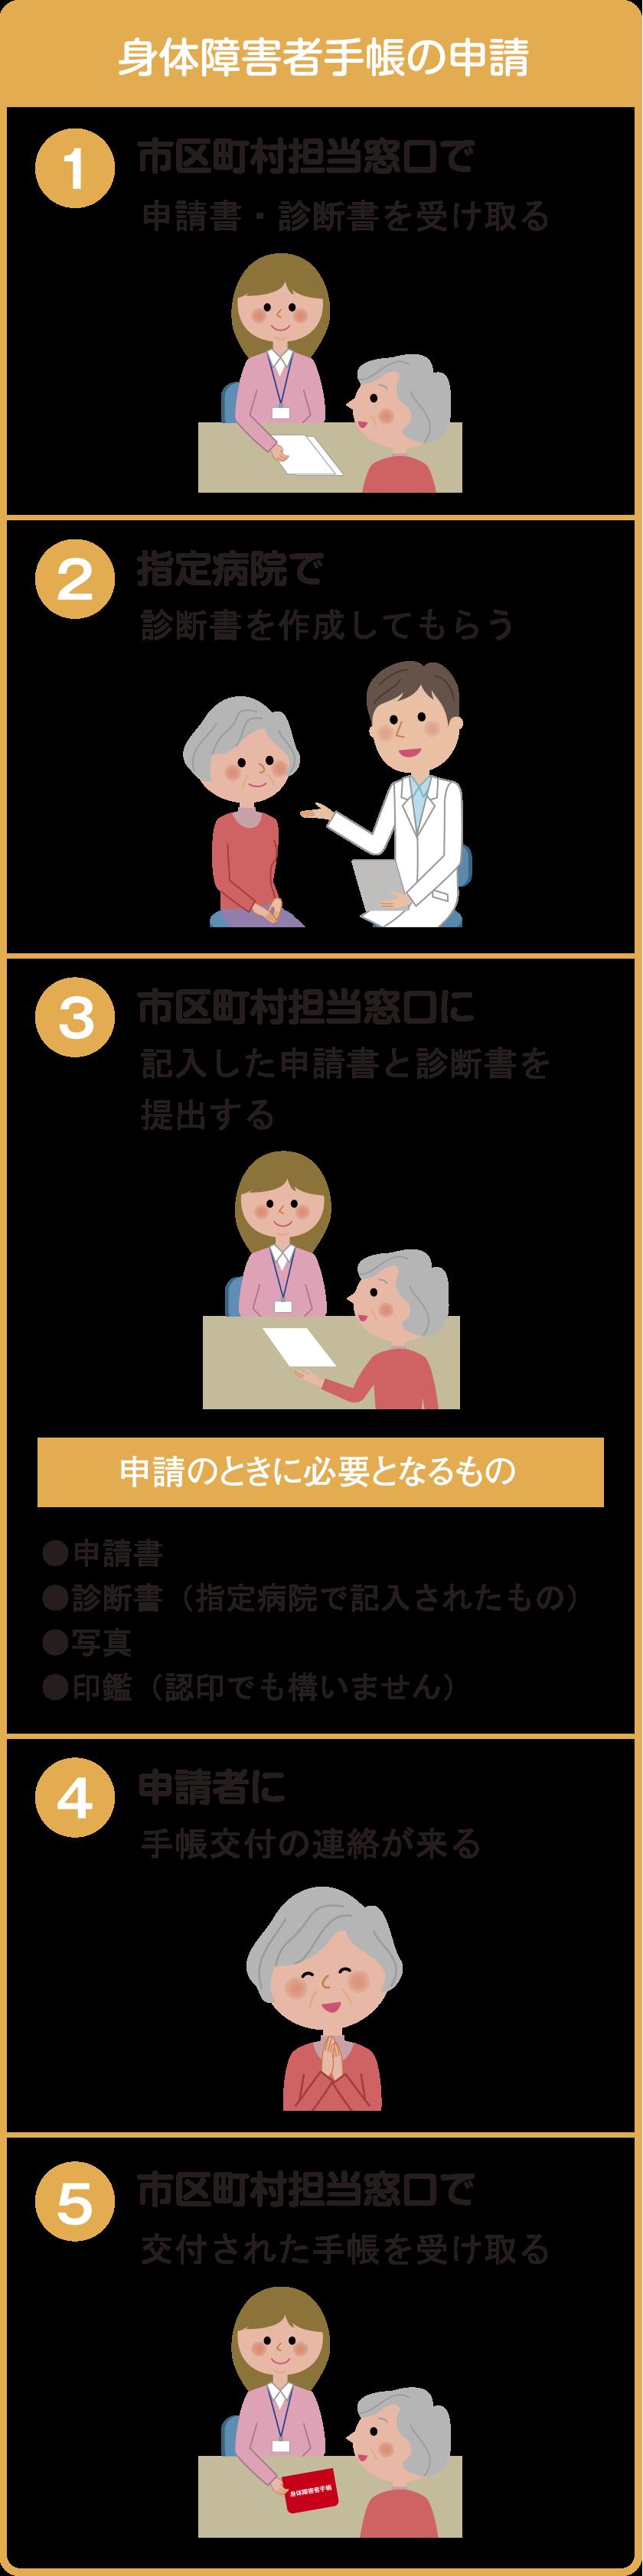 身体障害者手帳の申請